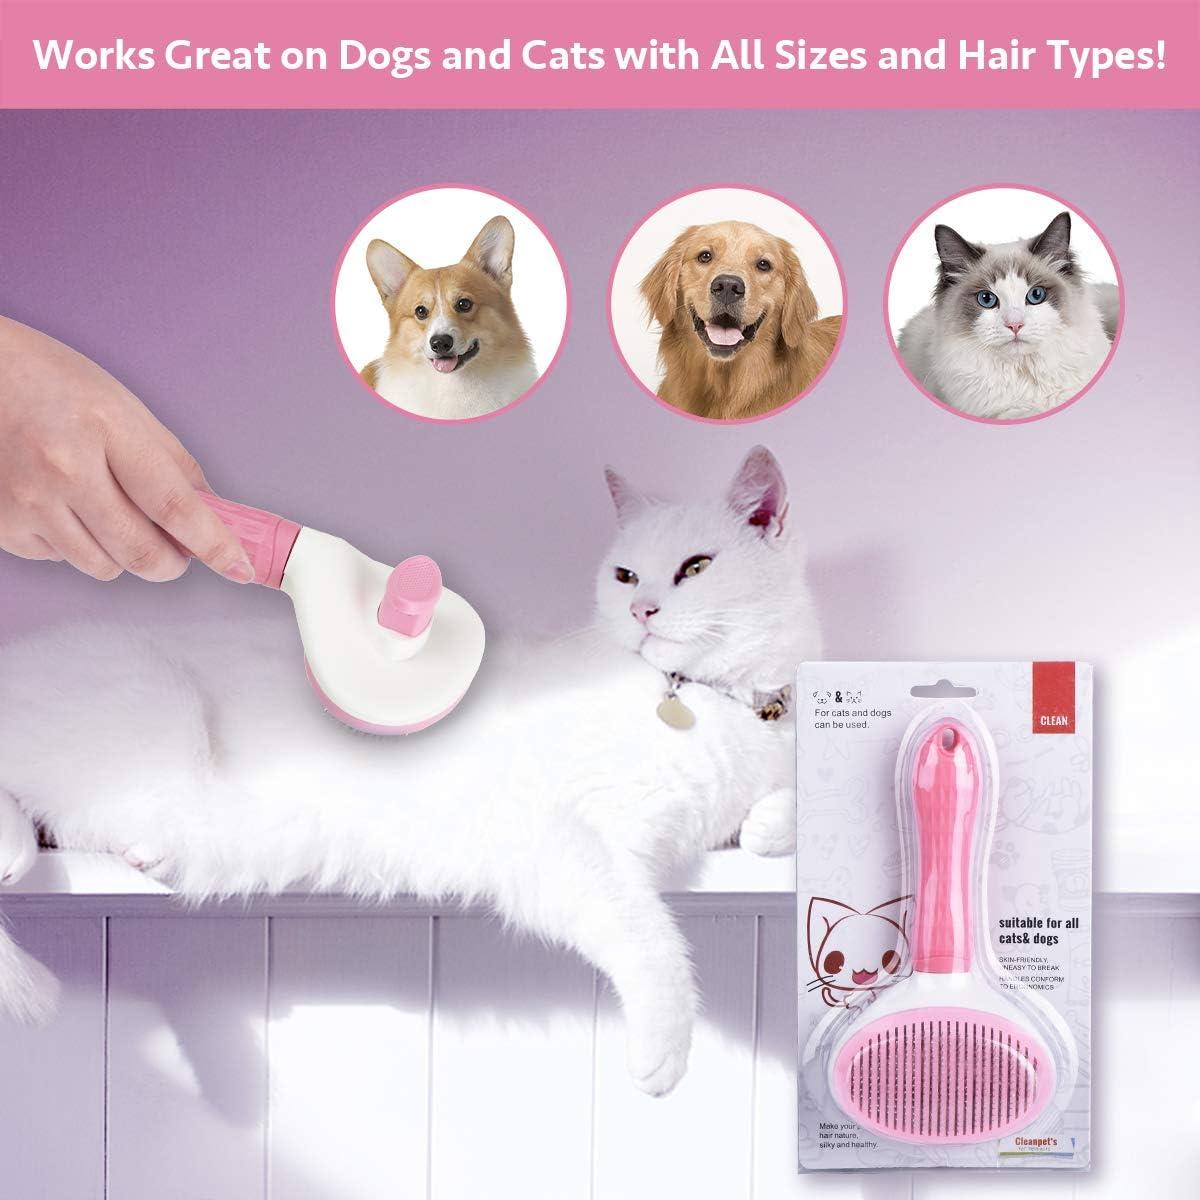 Toelettatura Pennello per Cani e Gatti con Pelo Lungo o Corto MELLIEX Spazzola per Cani Gatti Autopulente Spazzola Toelettatura per Animali Domestici